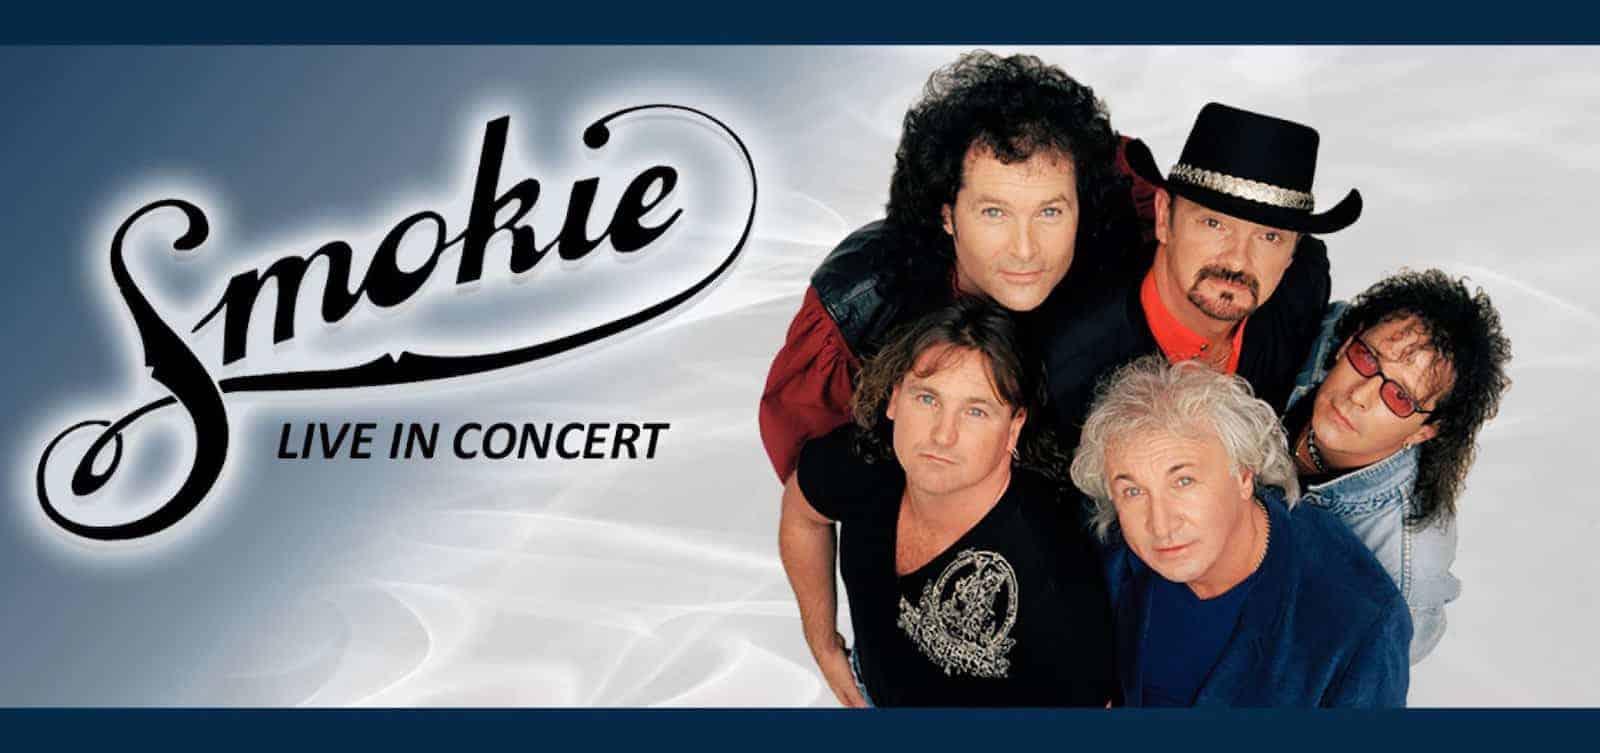 Концерт «Smokie» в Крокус Сити Холле